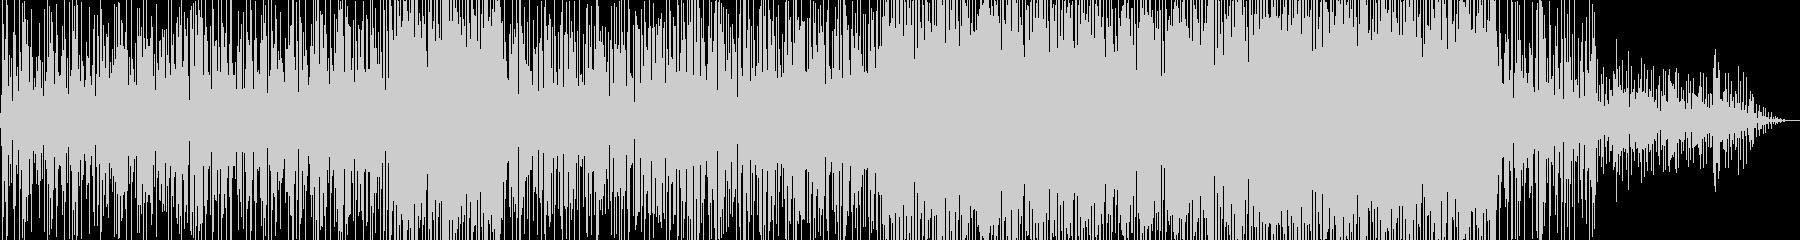 軽快な雰囲気のスムースジャズ風ポップスの未再生の波形